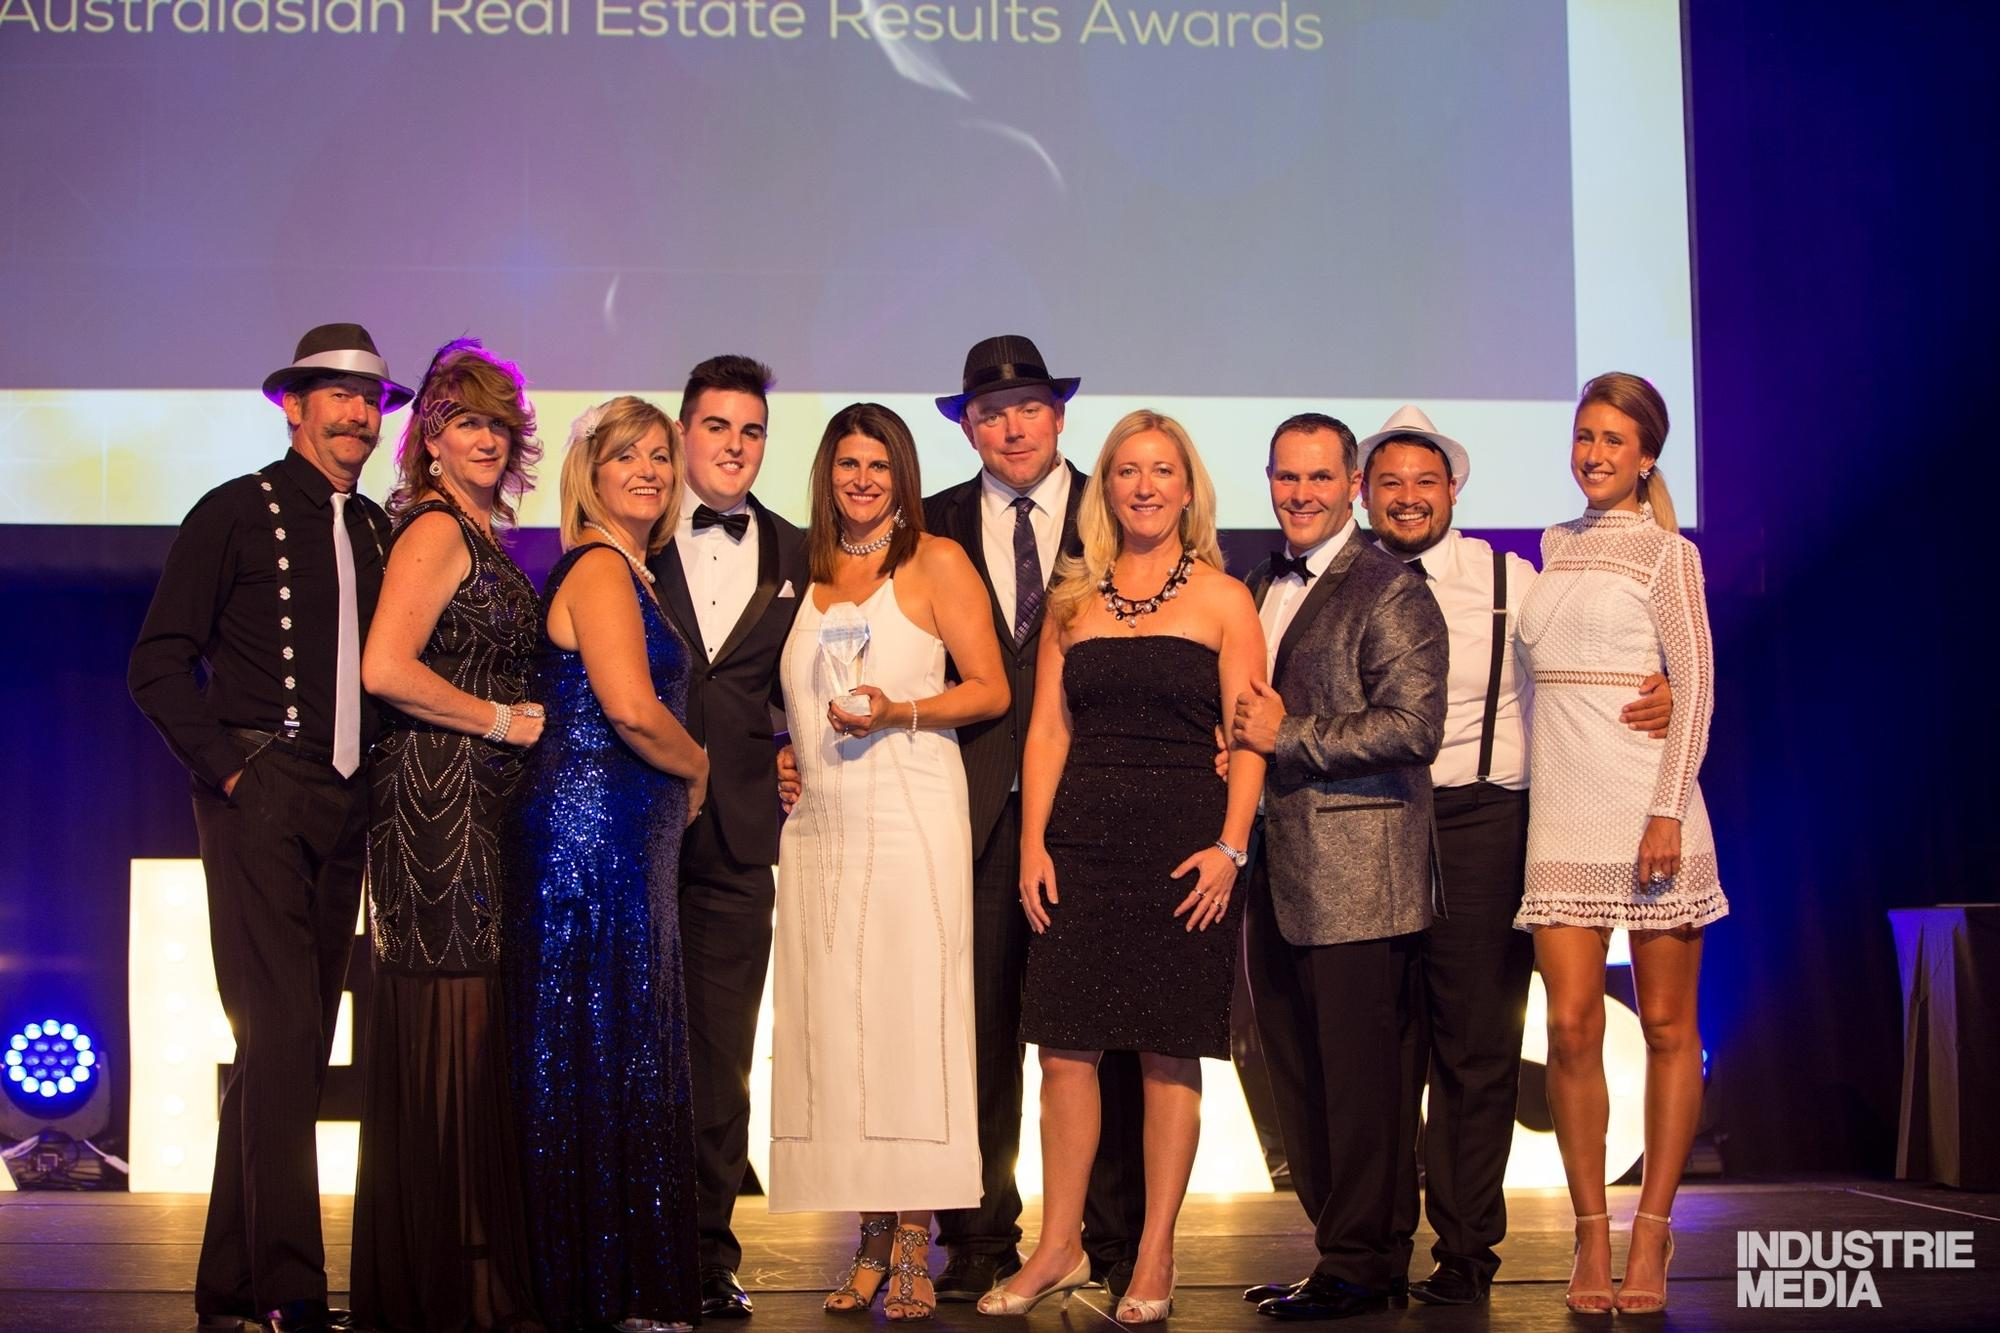 RER Awards